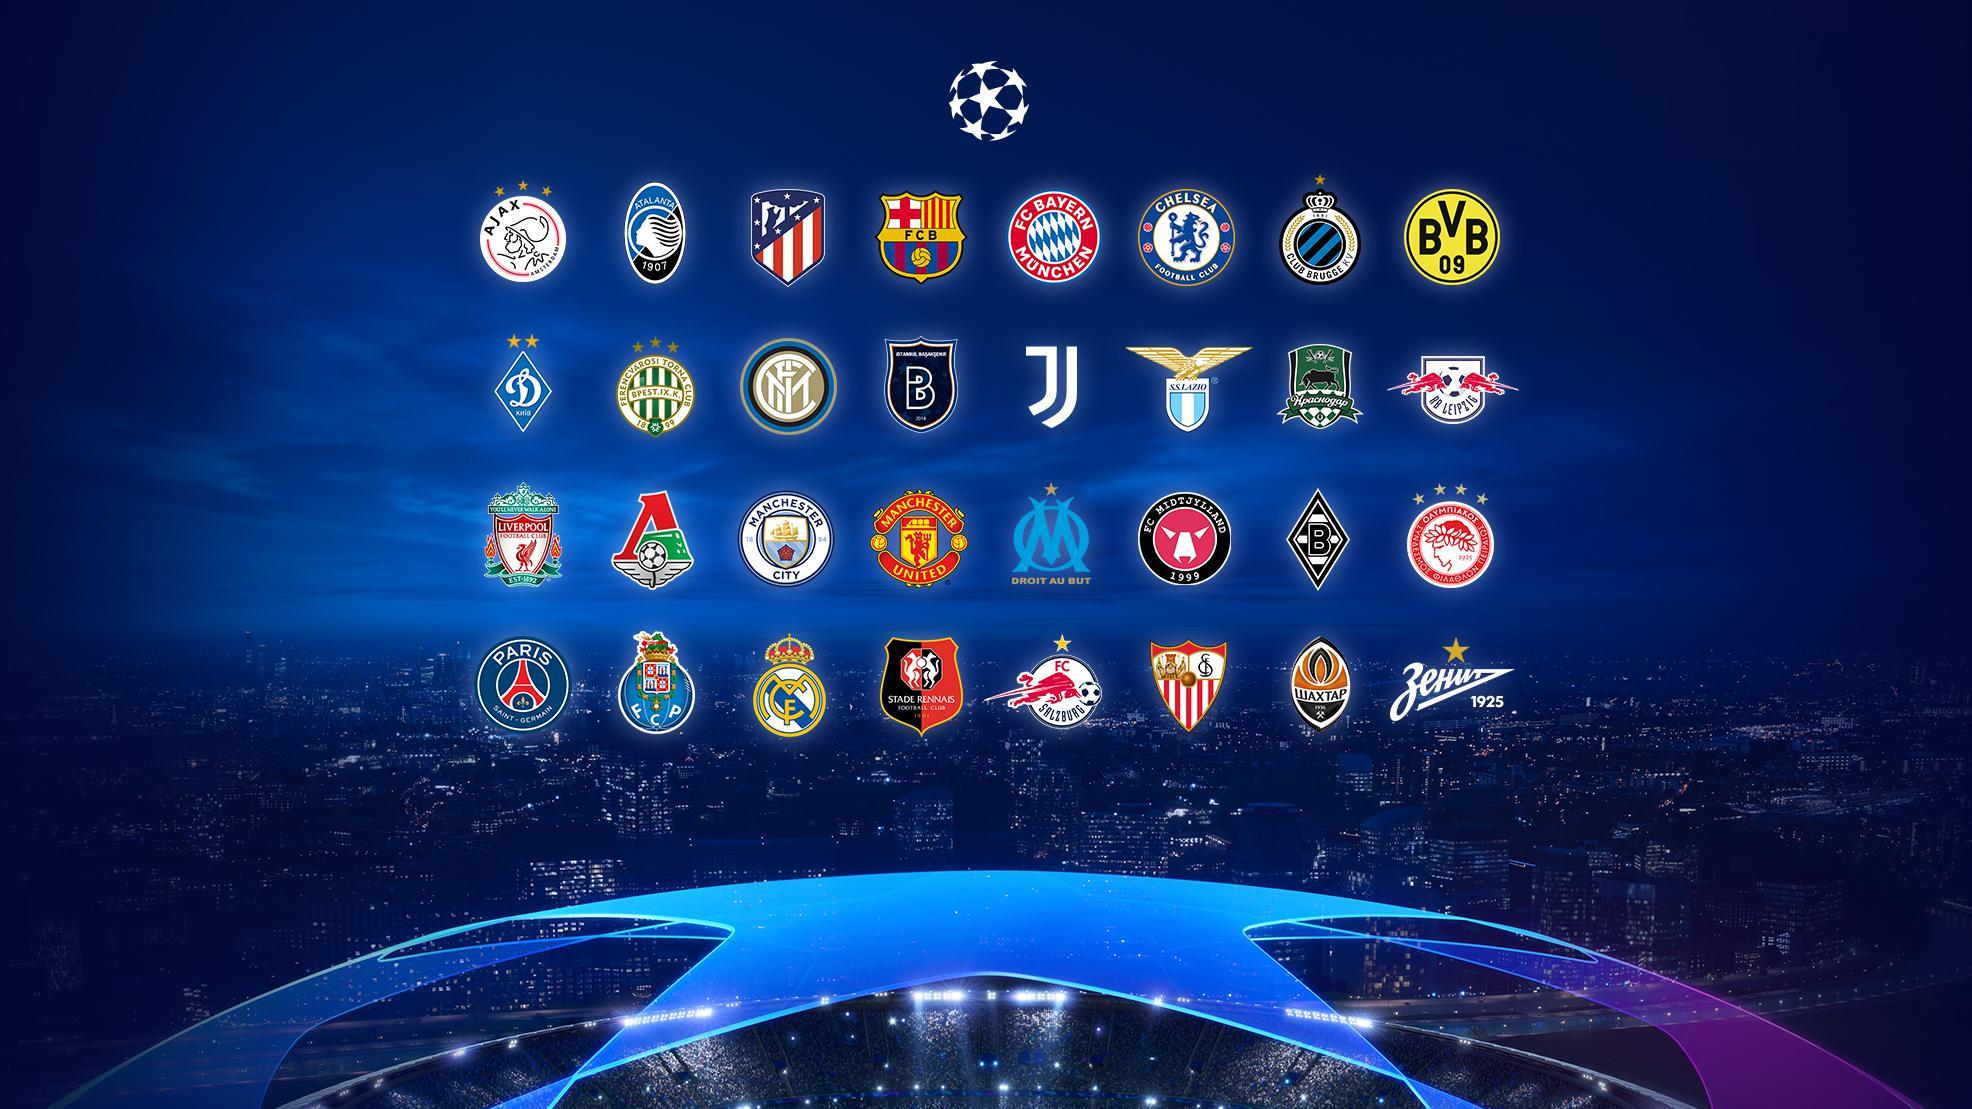 Стали известны соперники российских клубов в групповом этапе Лиги чемпионов